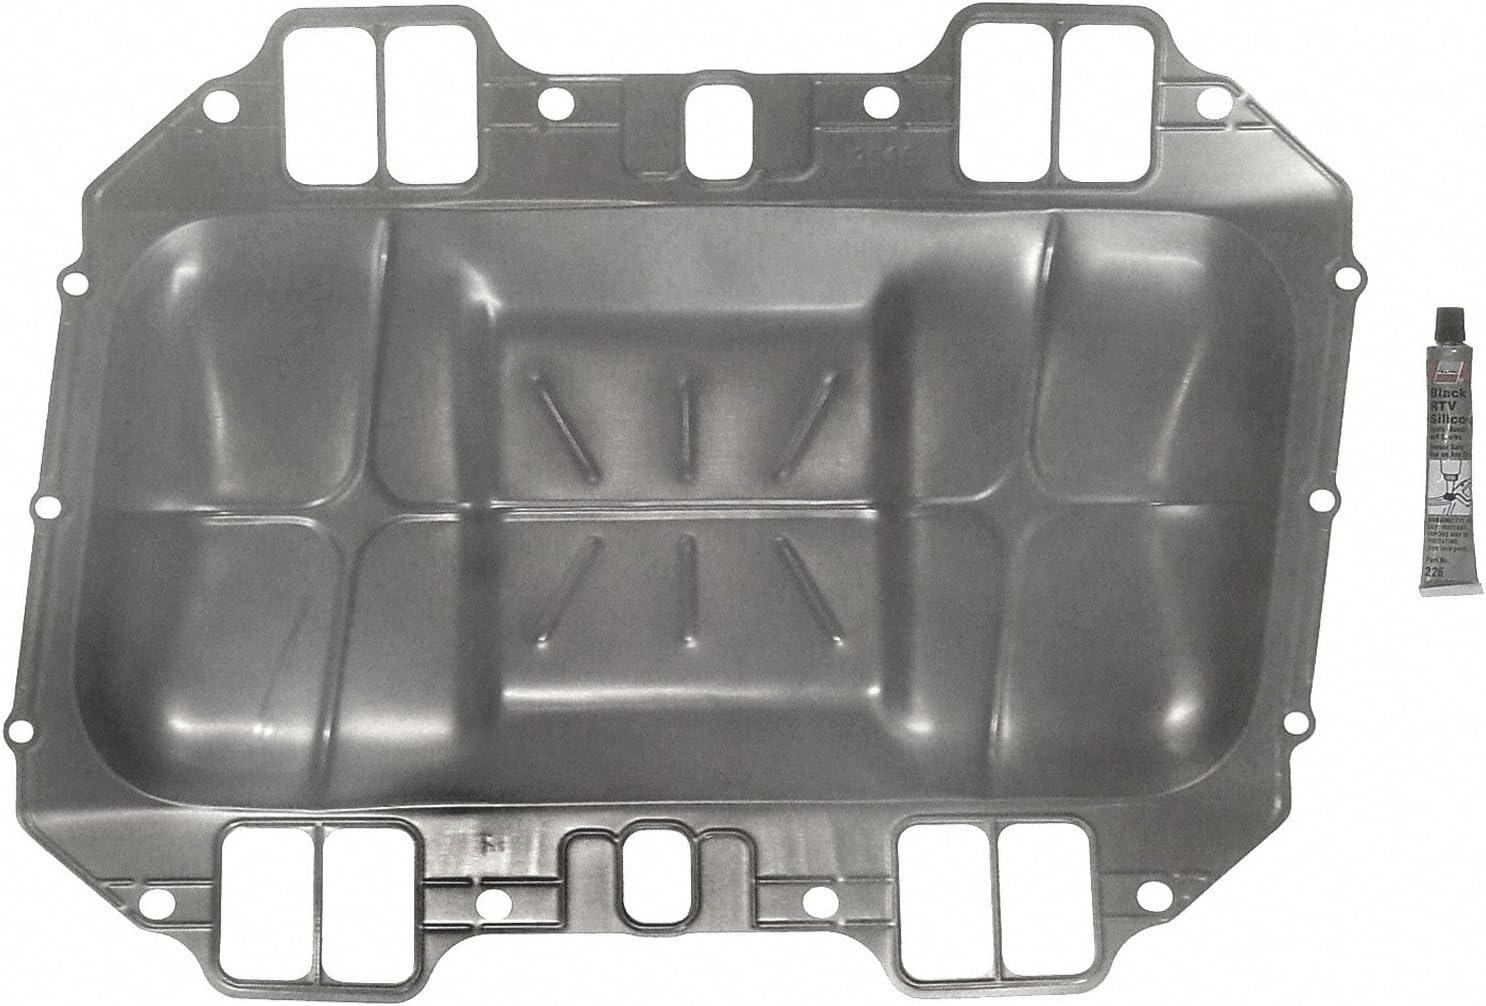 Chrysler 361 383 400 413 440 Fel Pro Full Gasket Set Head+Valve Cover+Oil Pan